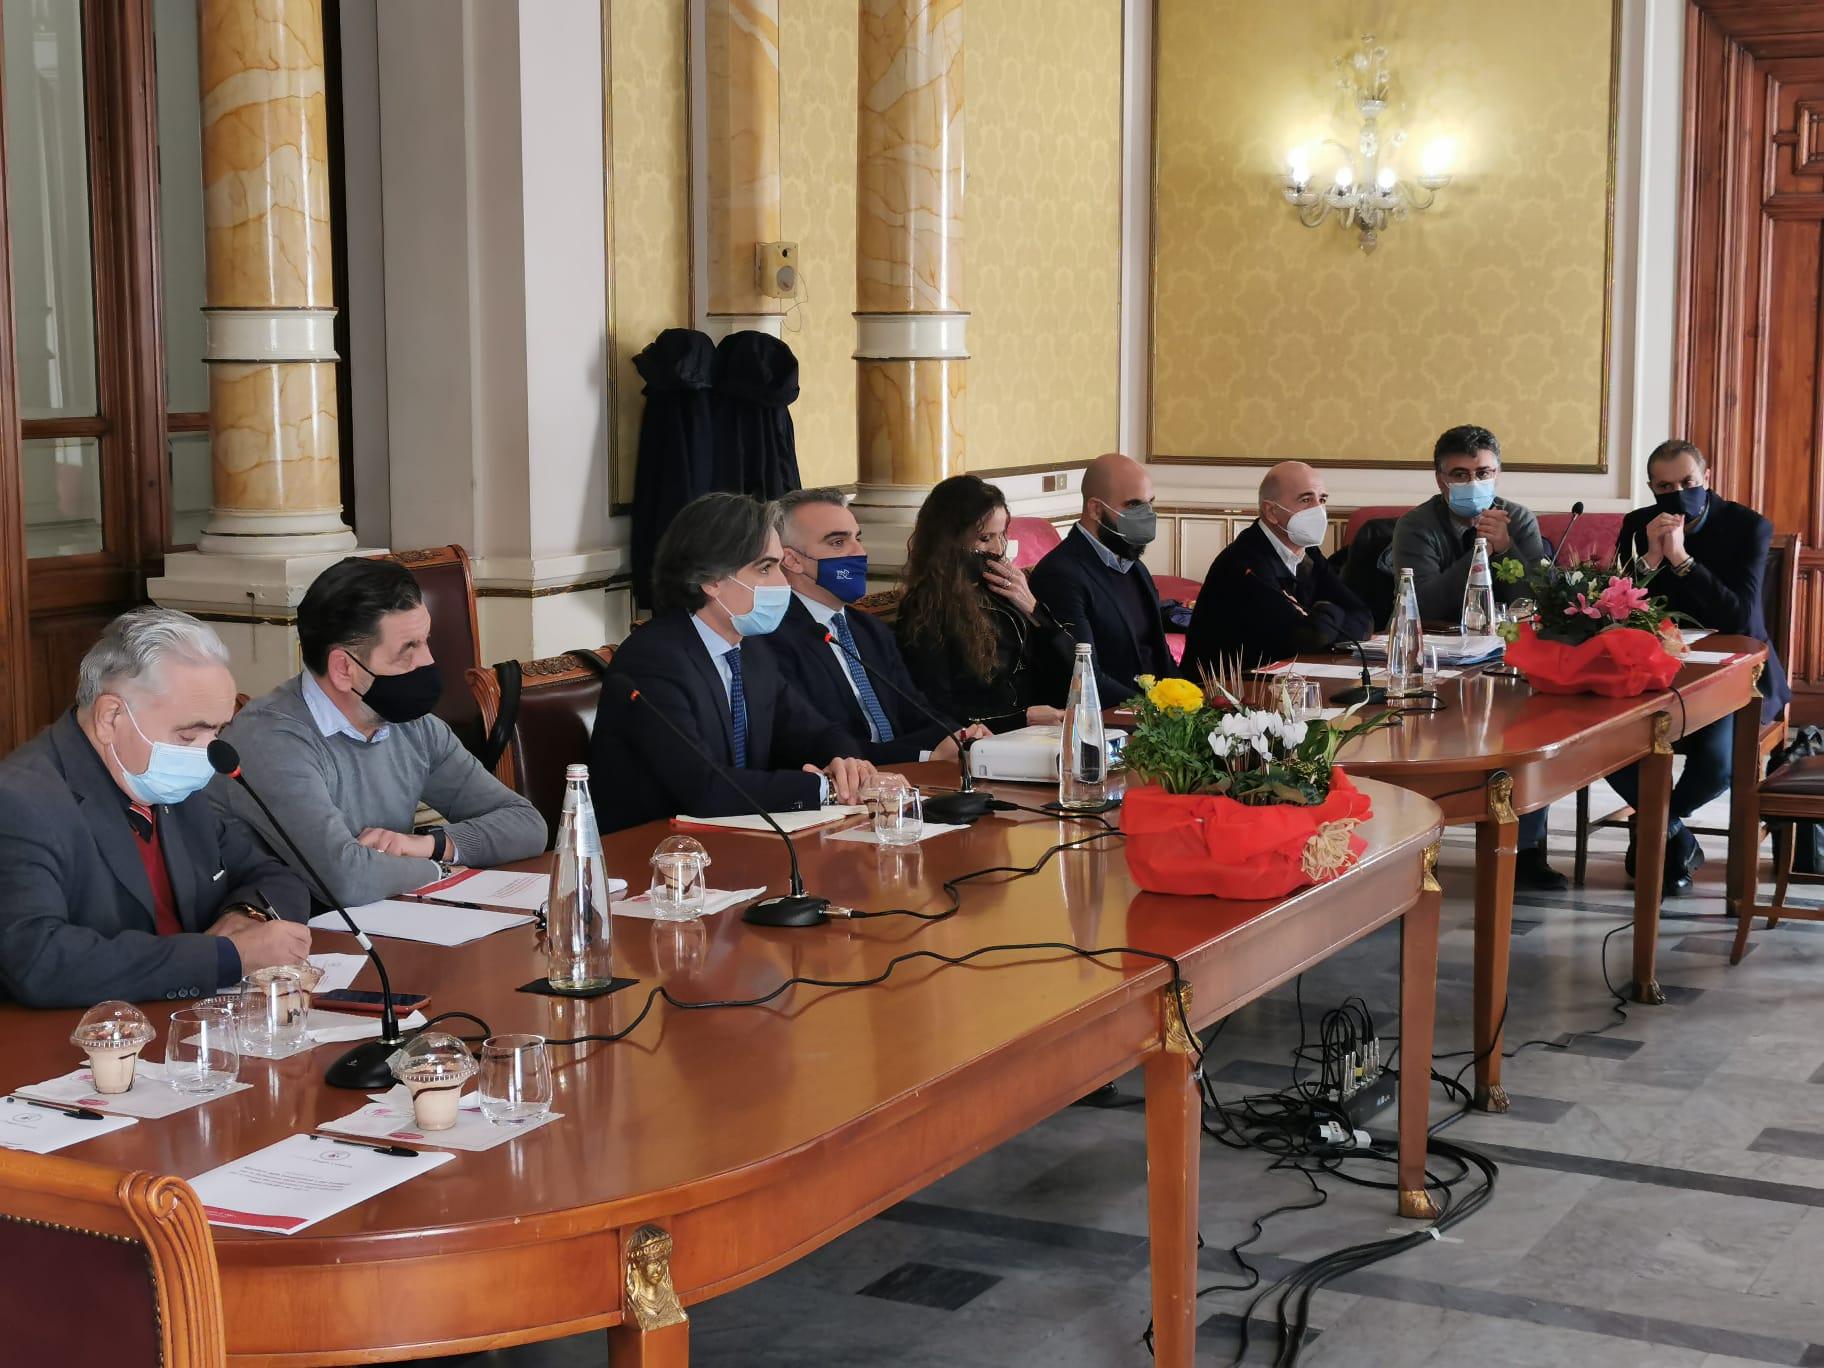 Decreto Reggio, riunione tra amministrazione comunale e vertici Mit